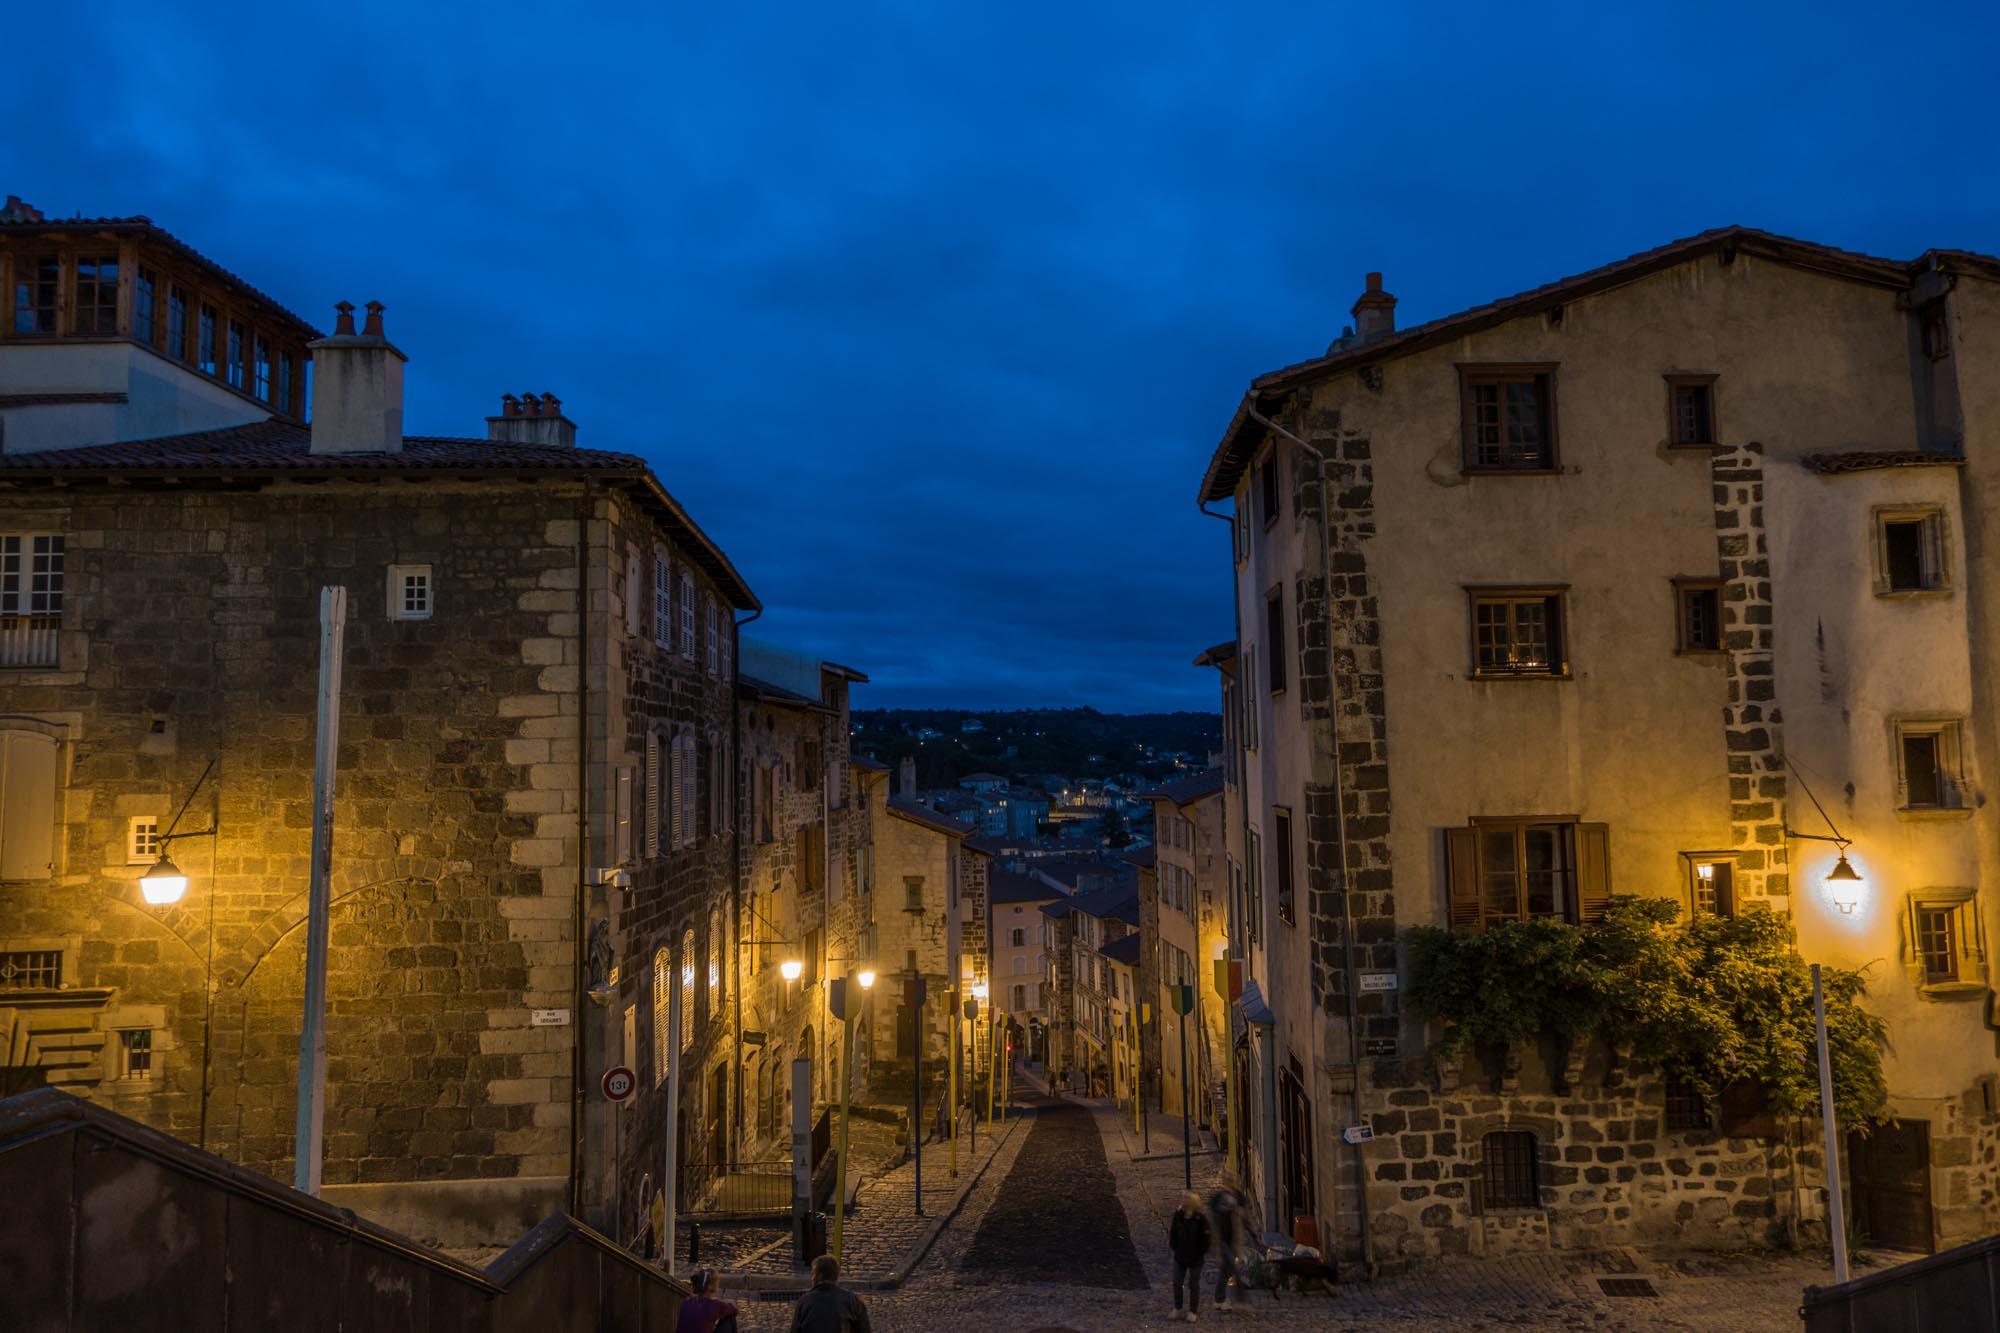 Le Puy en Velay night